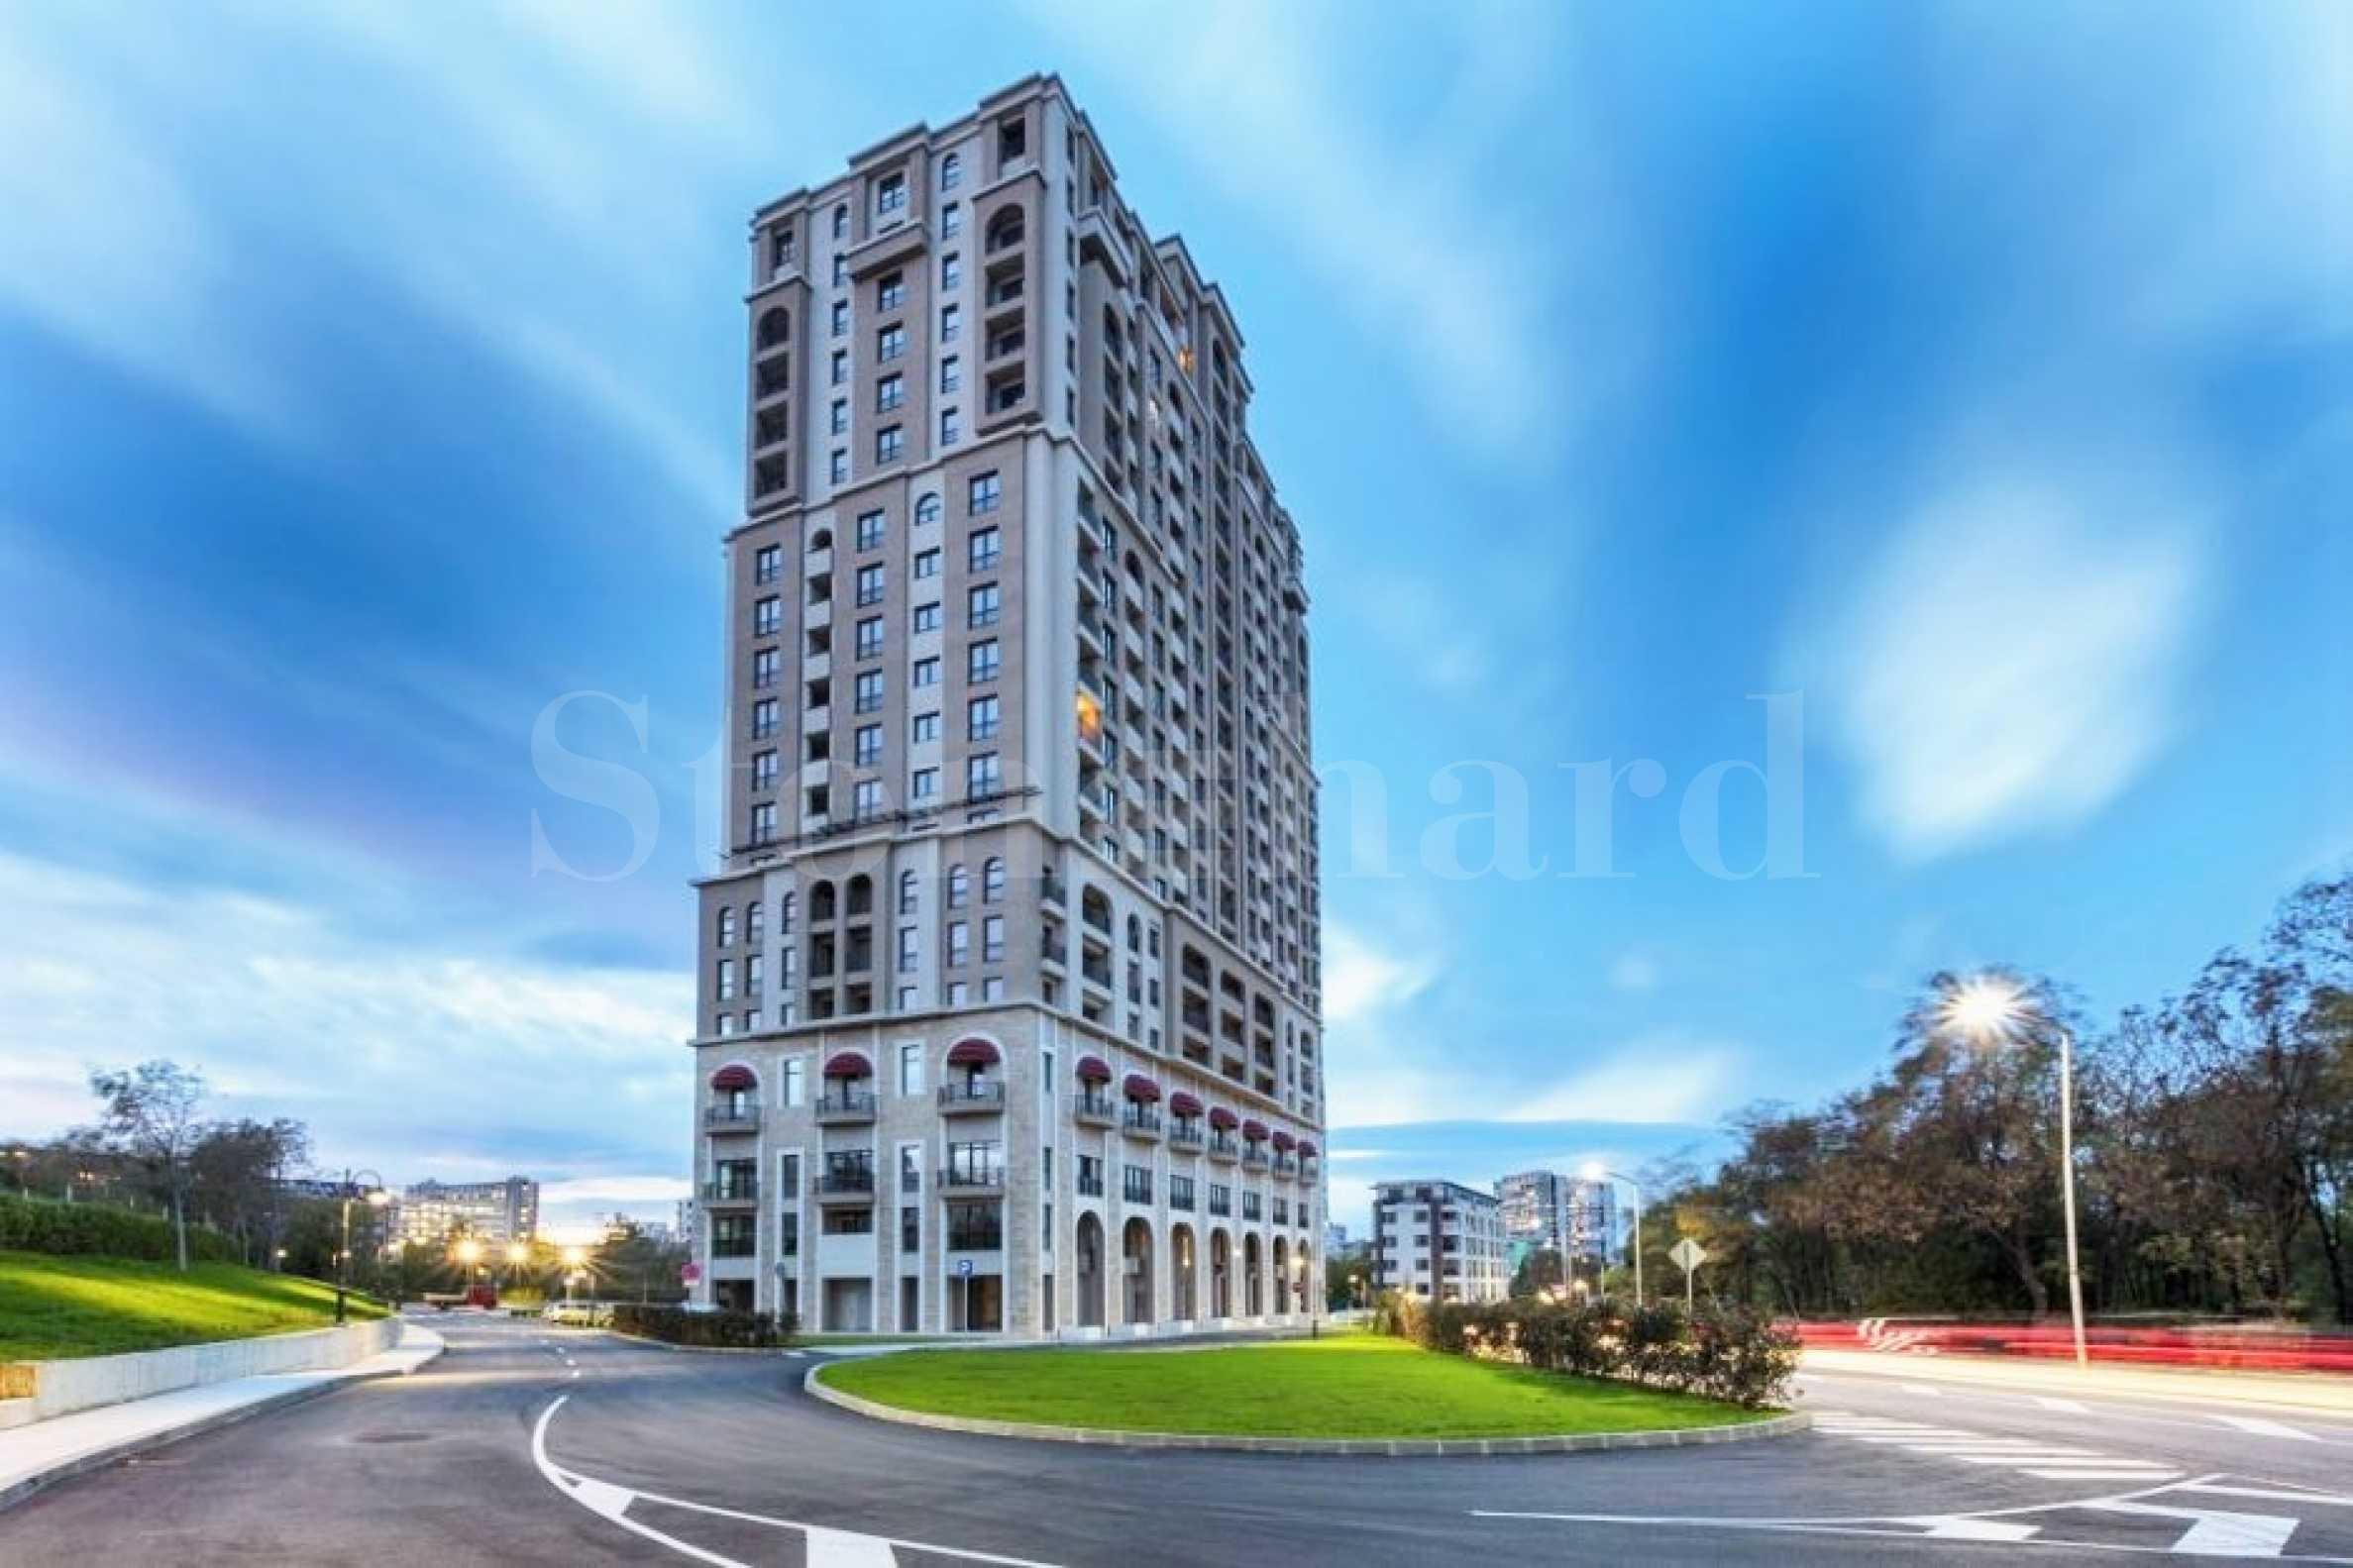 Бутикови апартаменти в сграда - емблема на Бургас1 - Stonehard